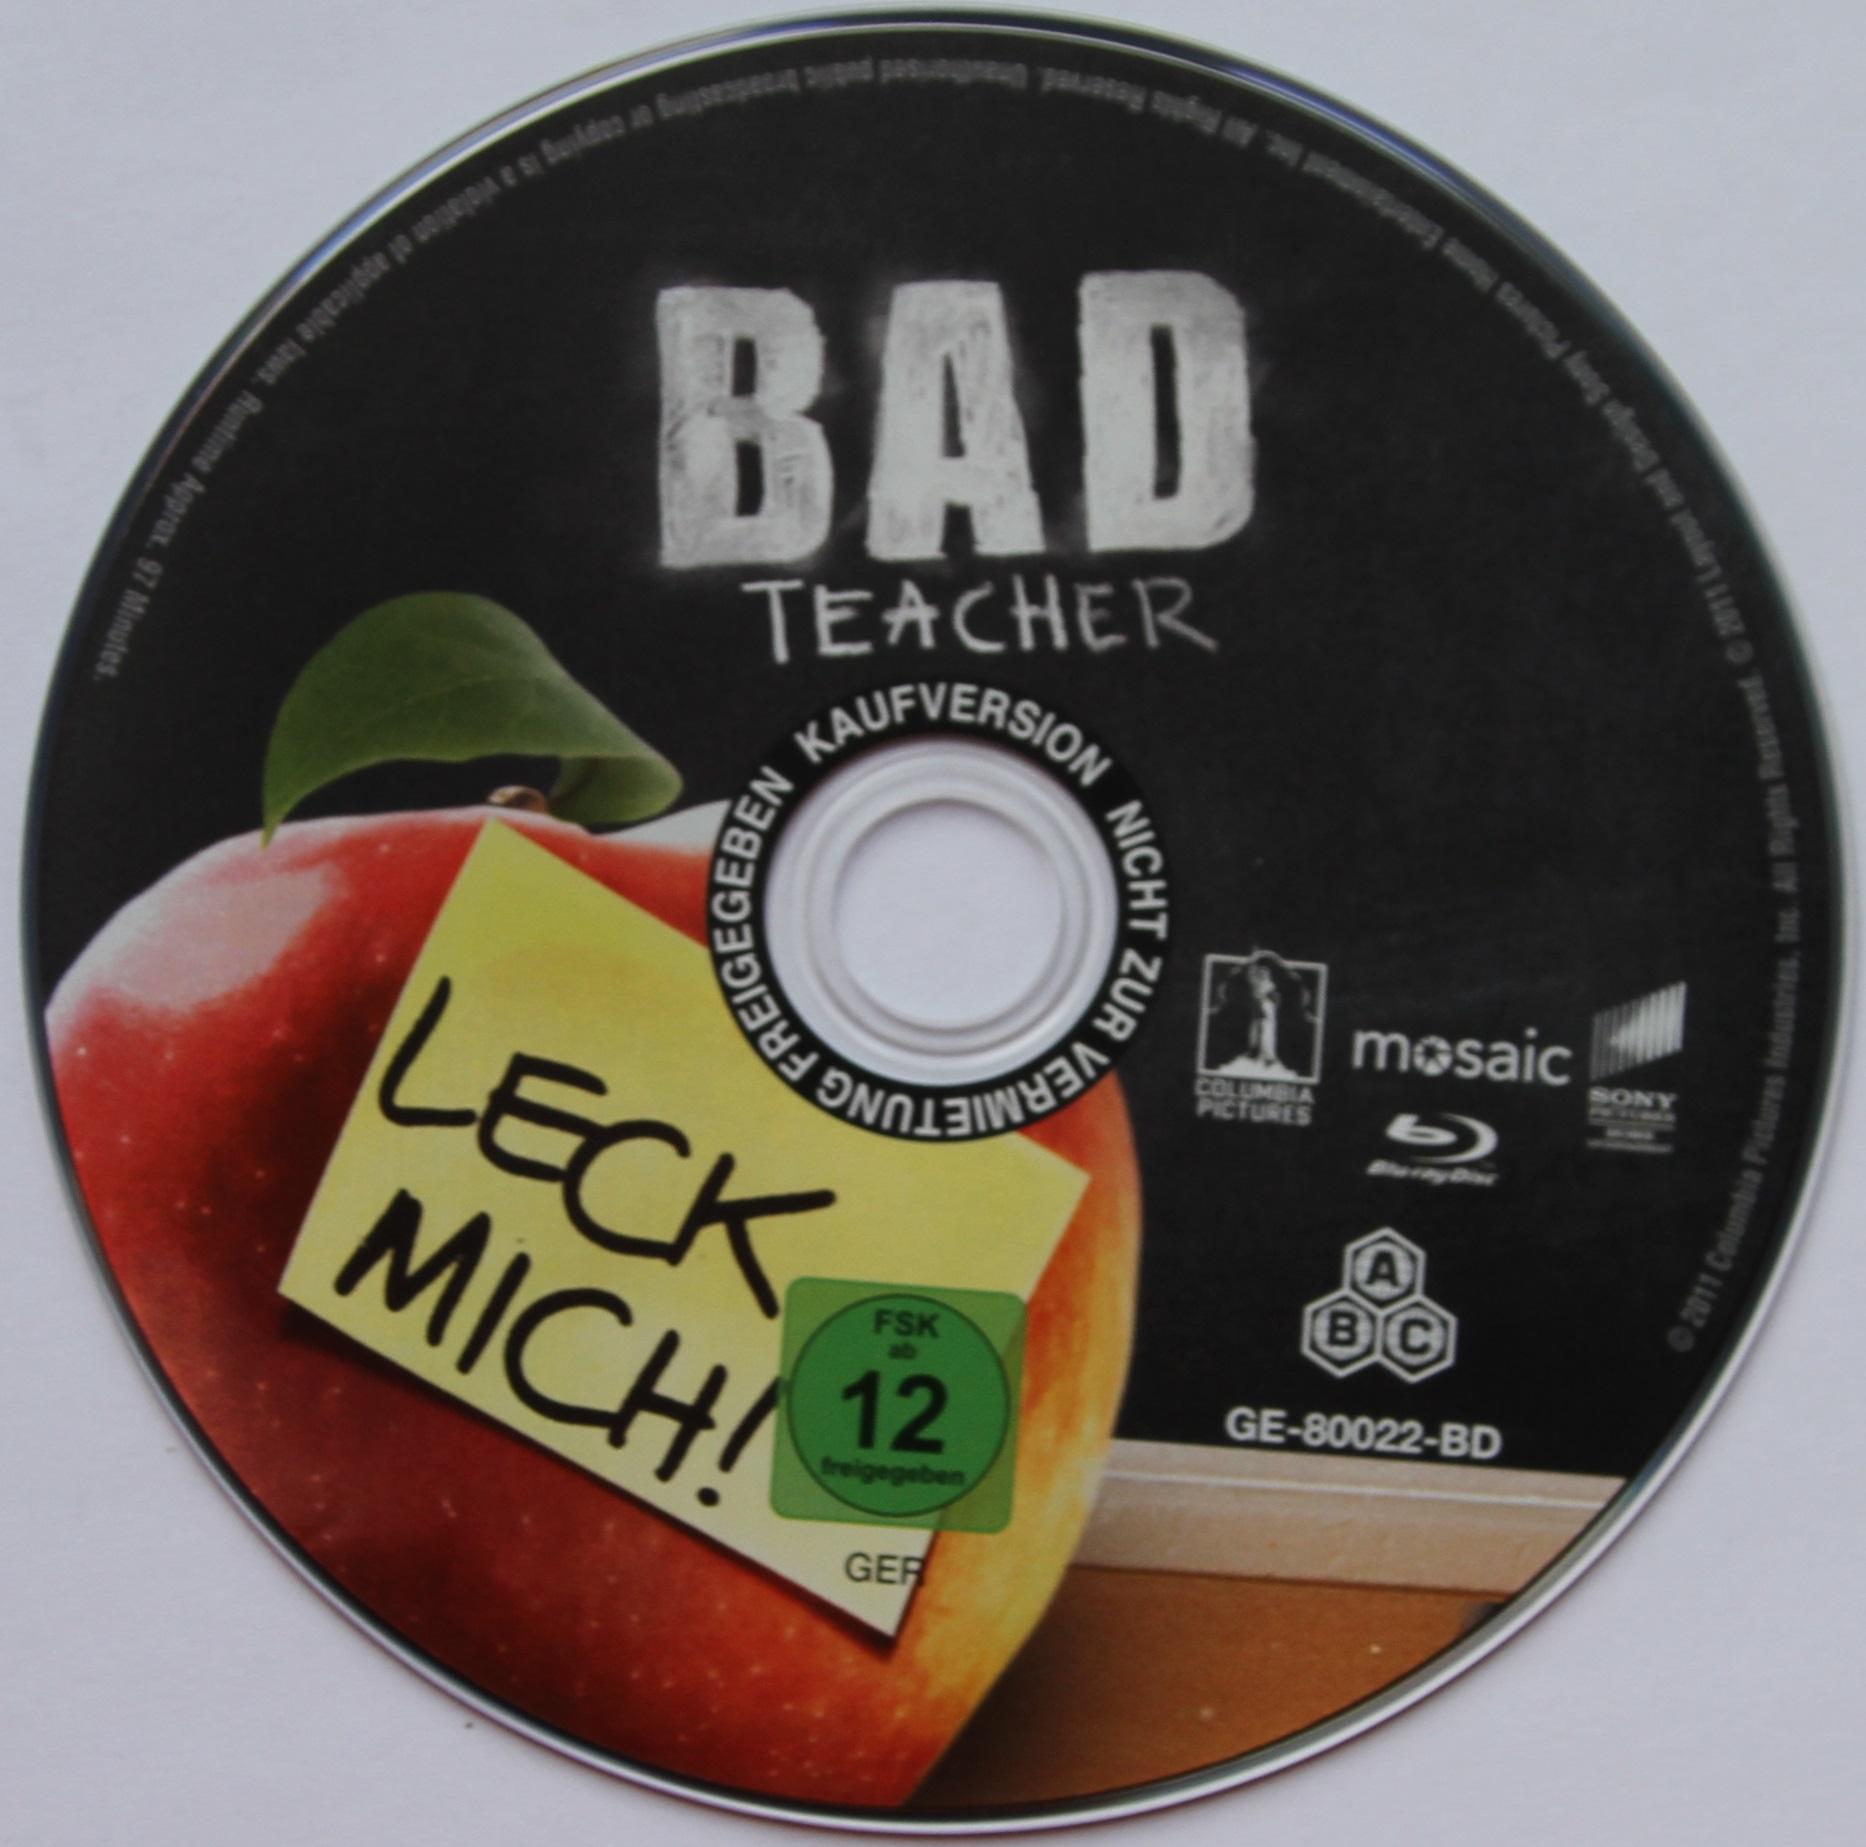 Bad teacher Disk